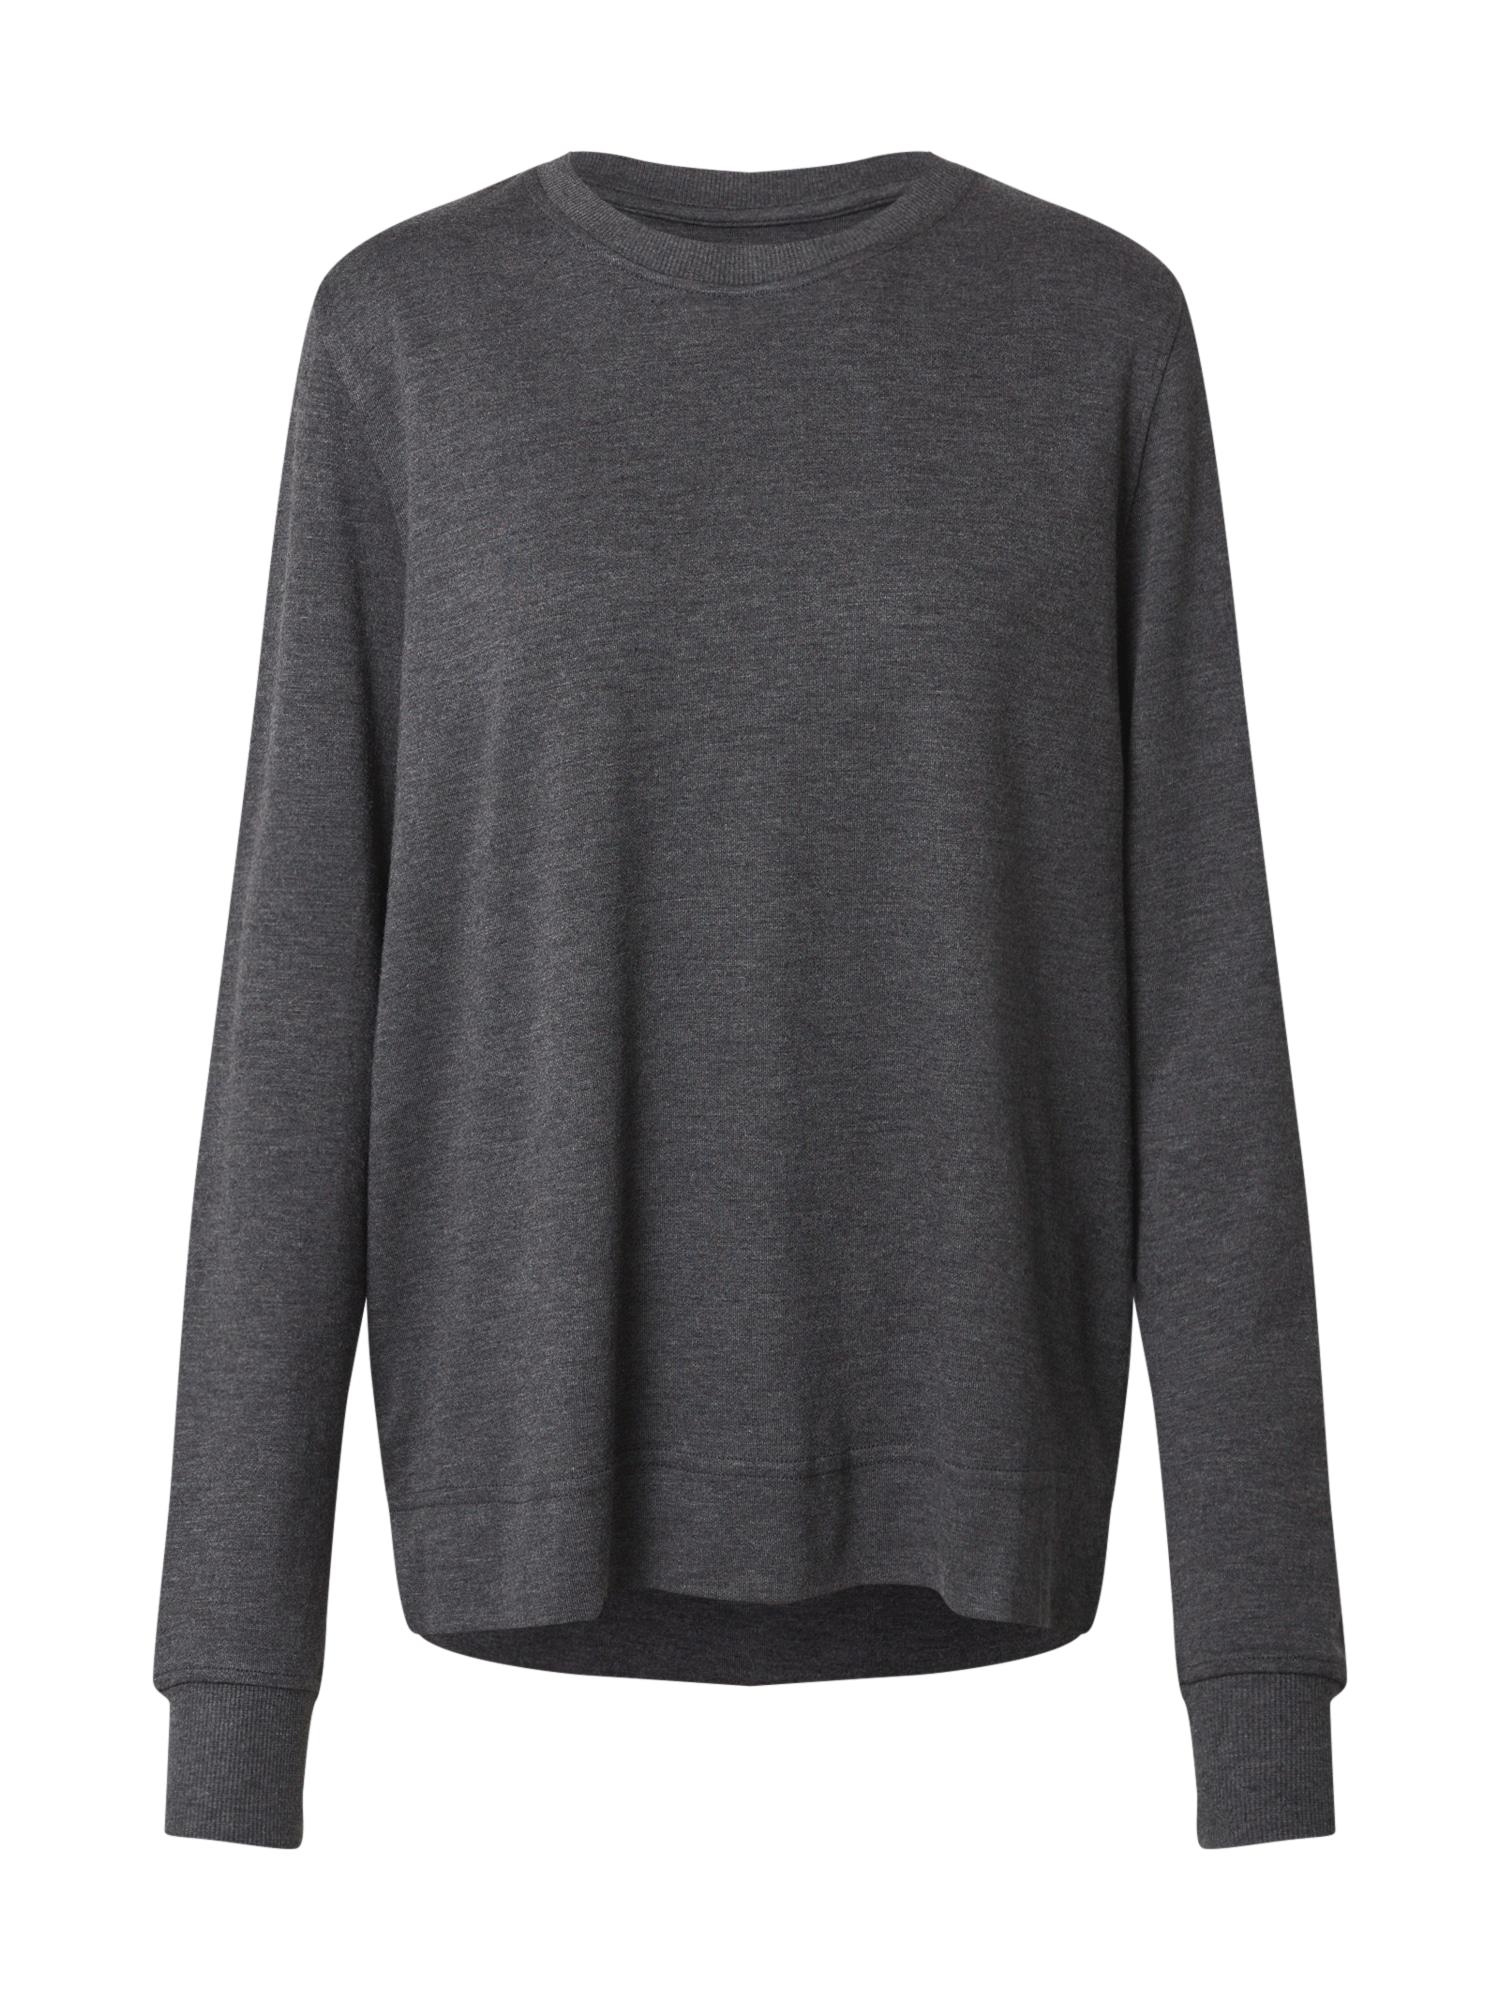 JBS OF DENMARK Pižaminiai marškinėliai tamsiai pilka